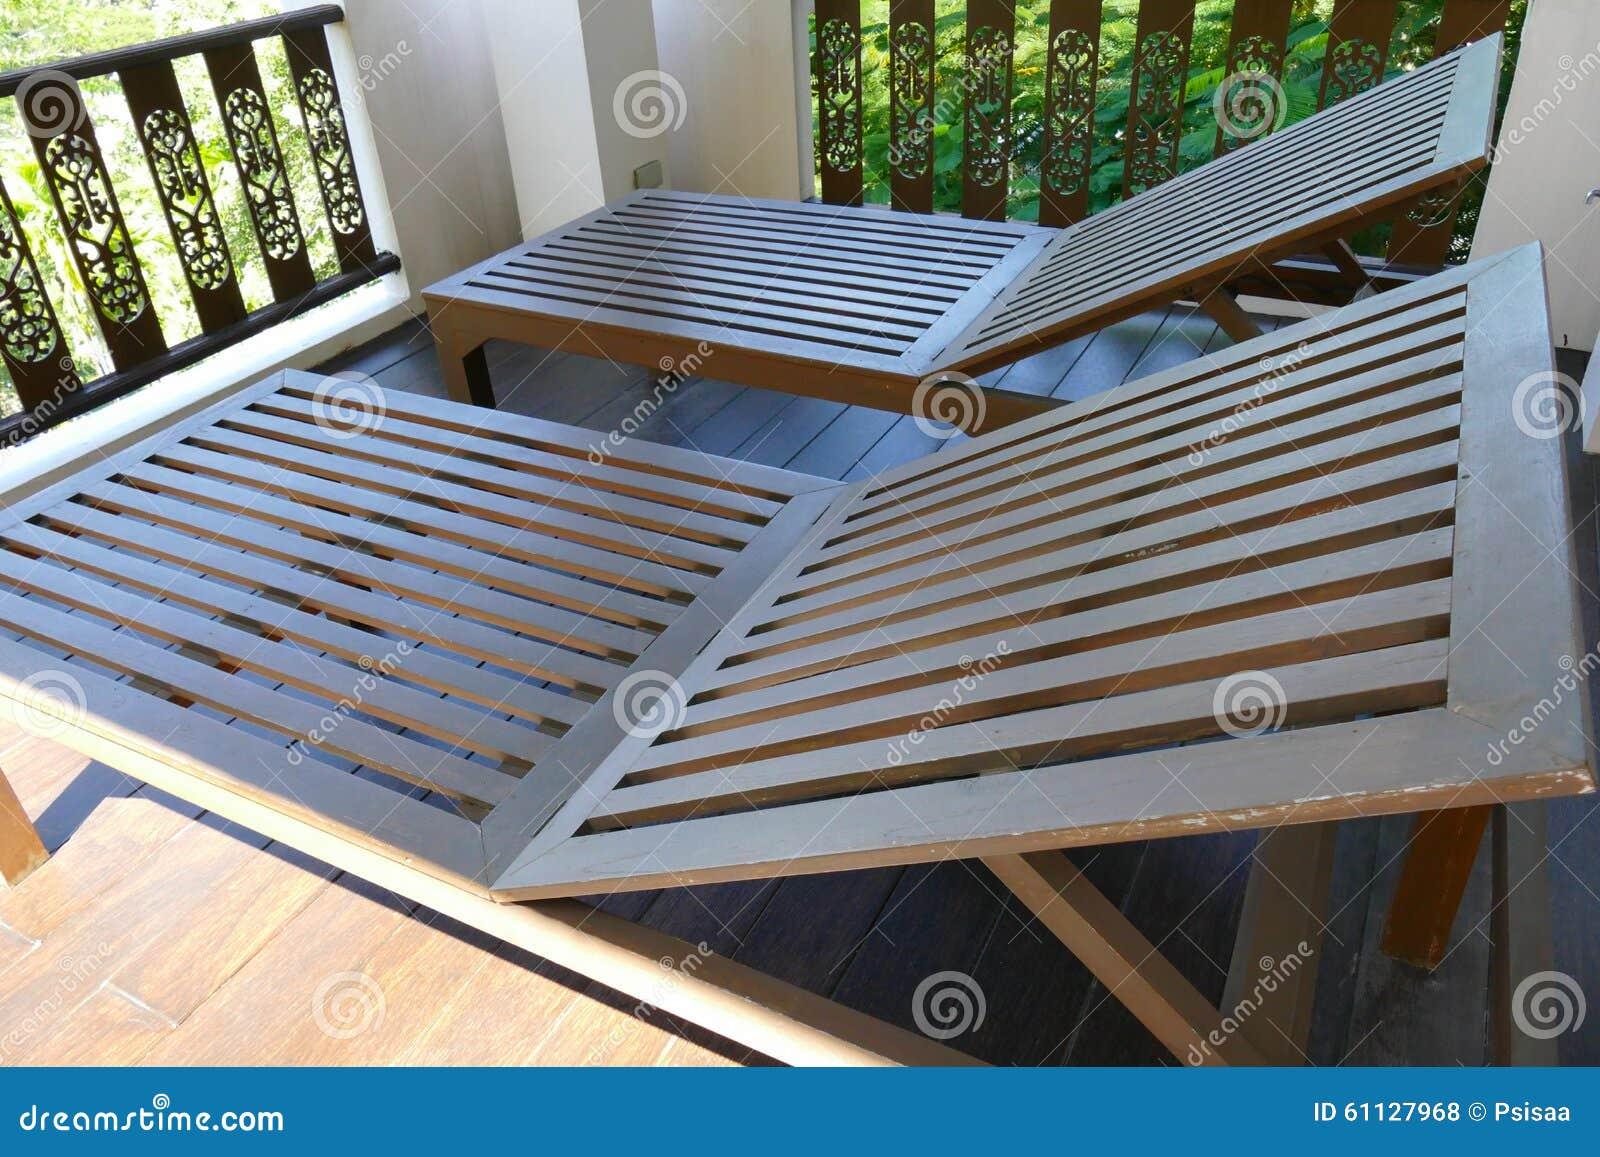 Sedia A Sdraio In Legno : Sedia a sdraio di legno al balcone fotografia stock immagine di